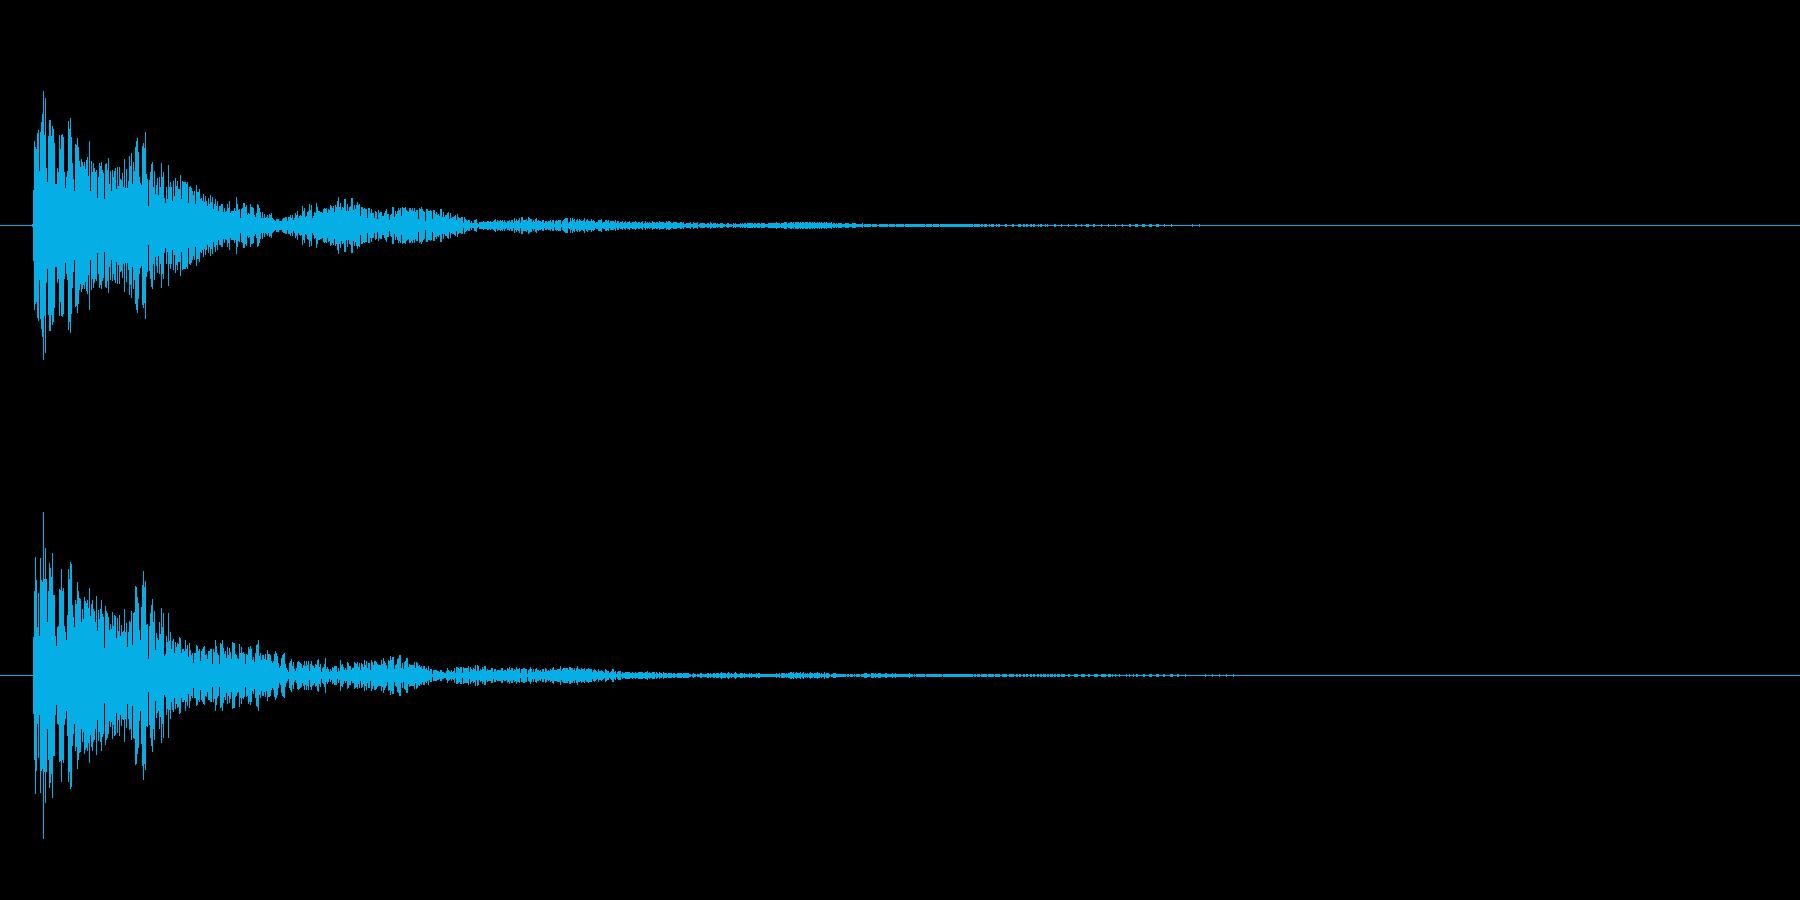 ドドン!という太鼓を叩く音の効果音SE…の再生済みの波形